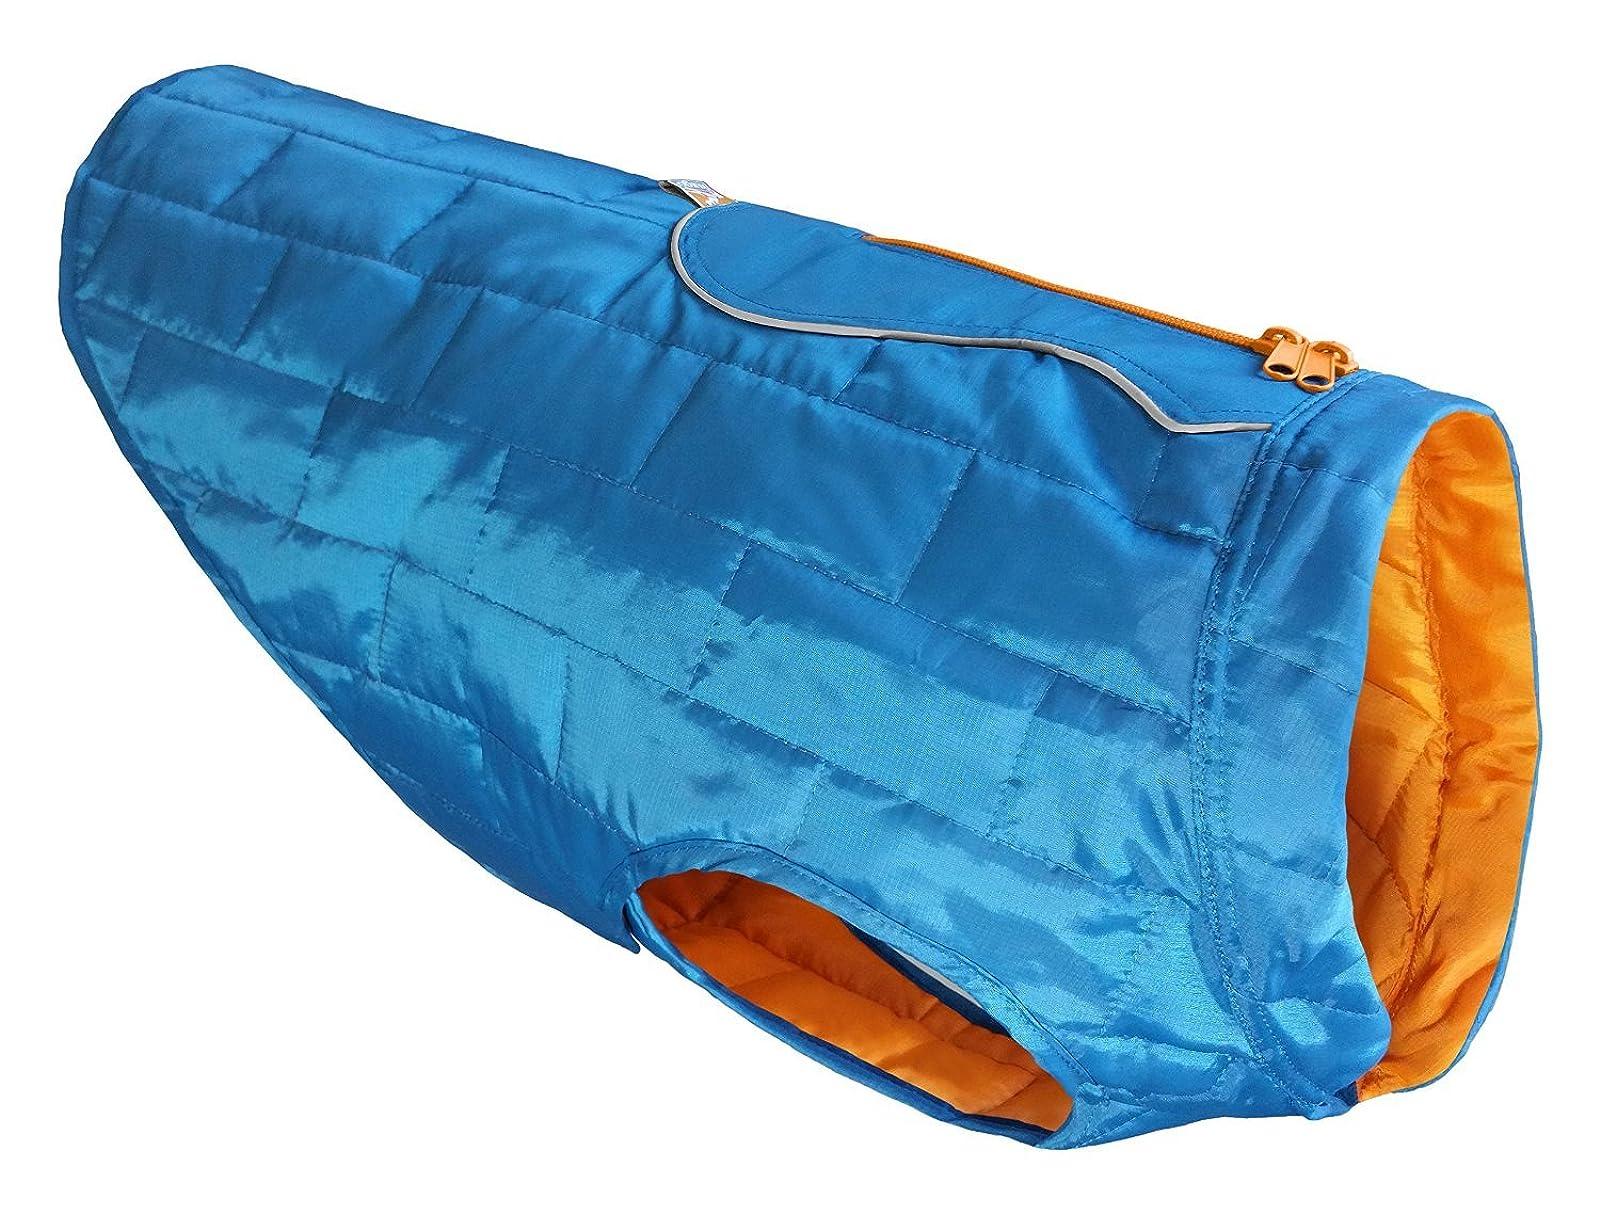 Kurgo Loft Jacket Reversible Dog Coat Dog 01848 Coastal Blue/Orange - 7